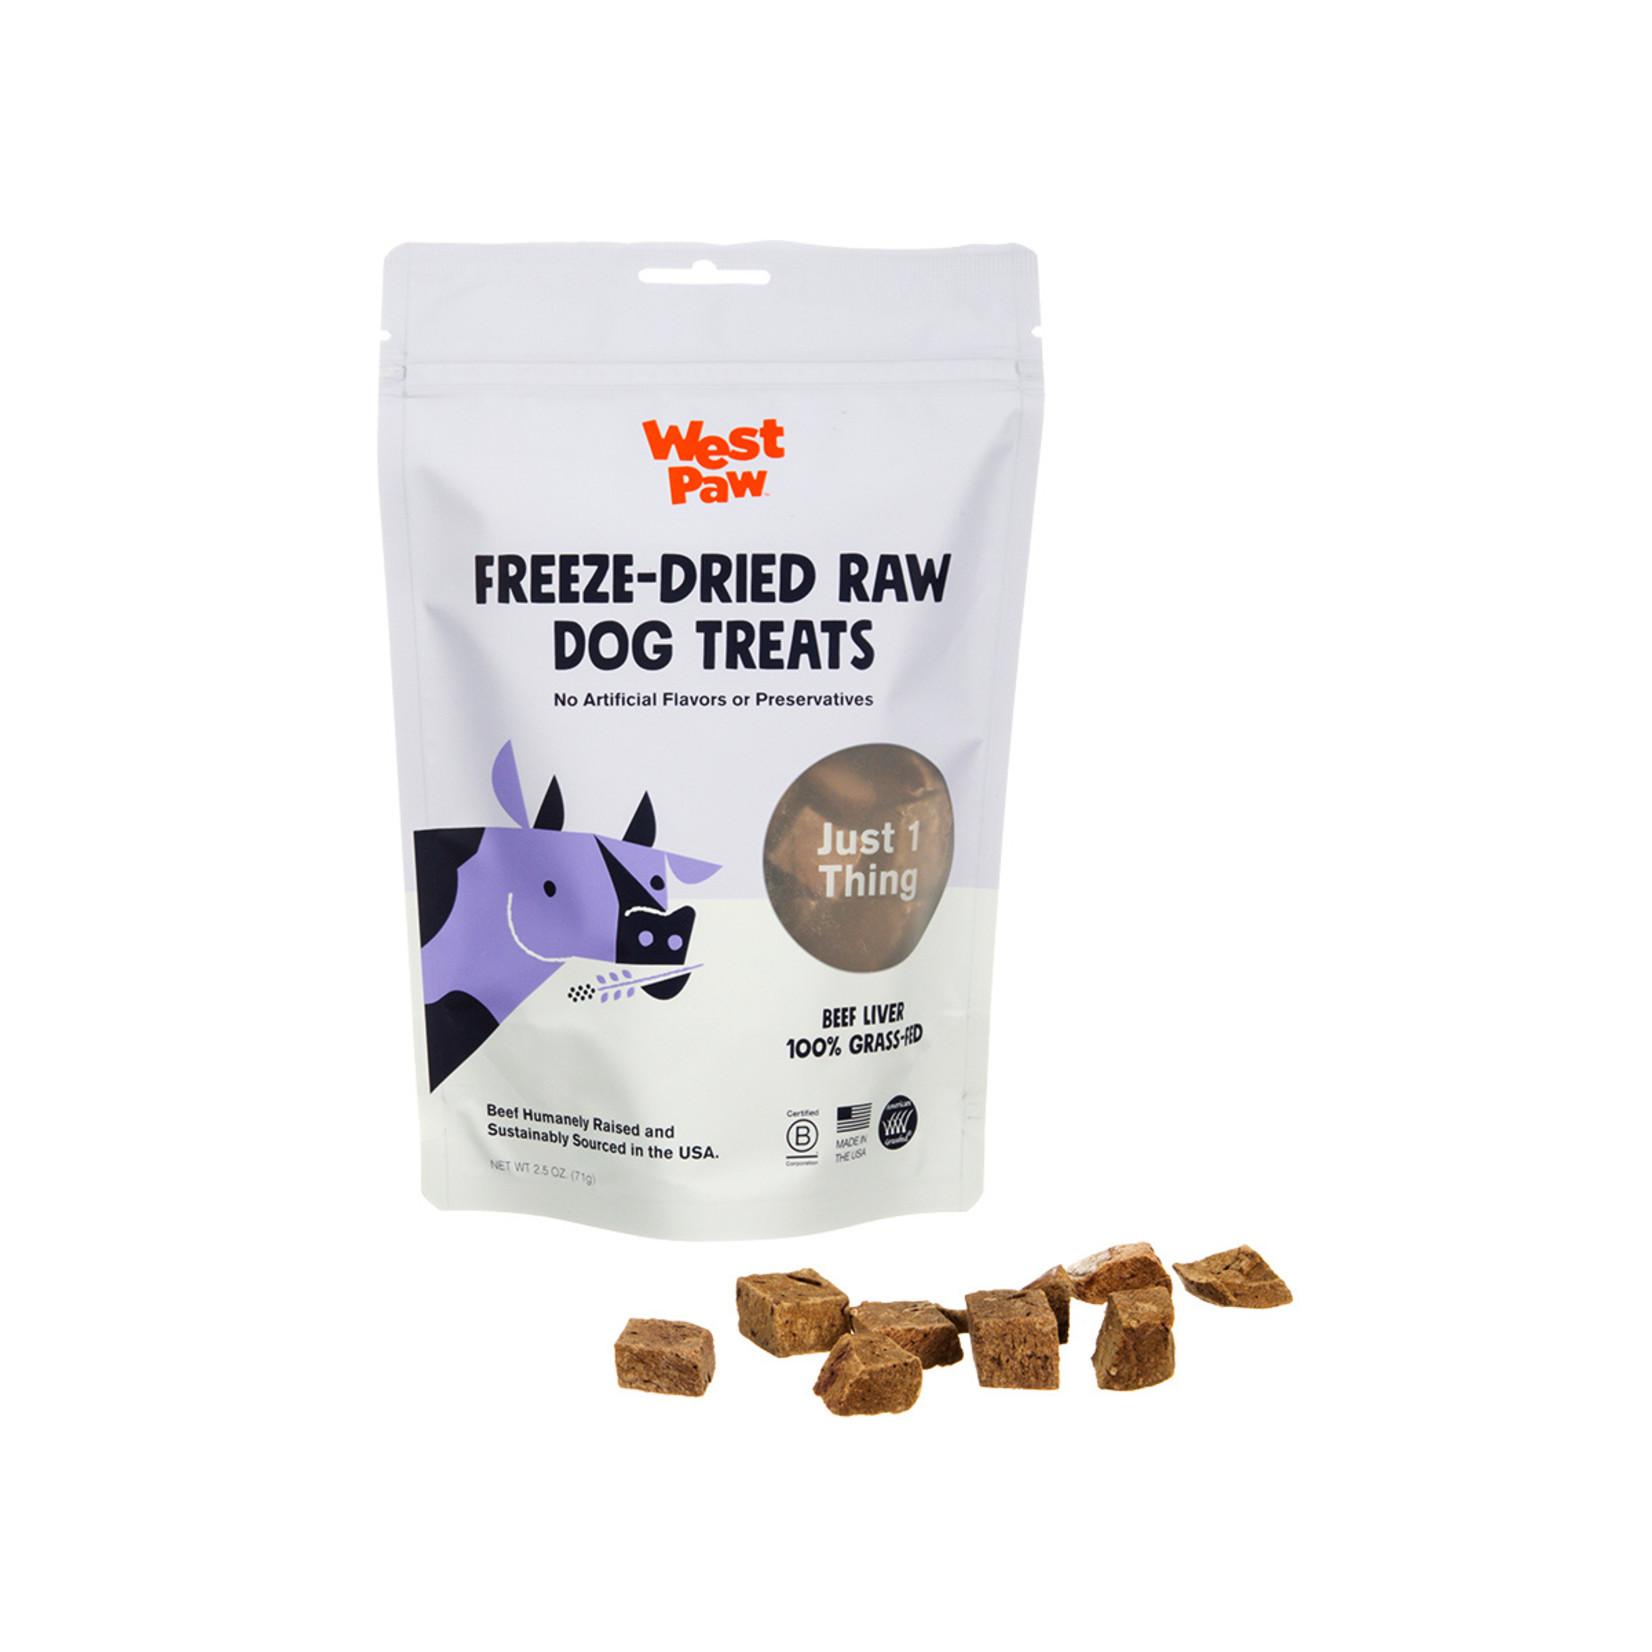 West Paw WESTPAW Freeze Dried Beef Liver Dog Treats 2.5oz